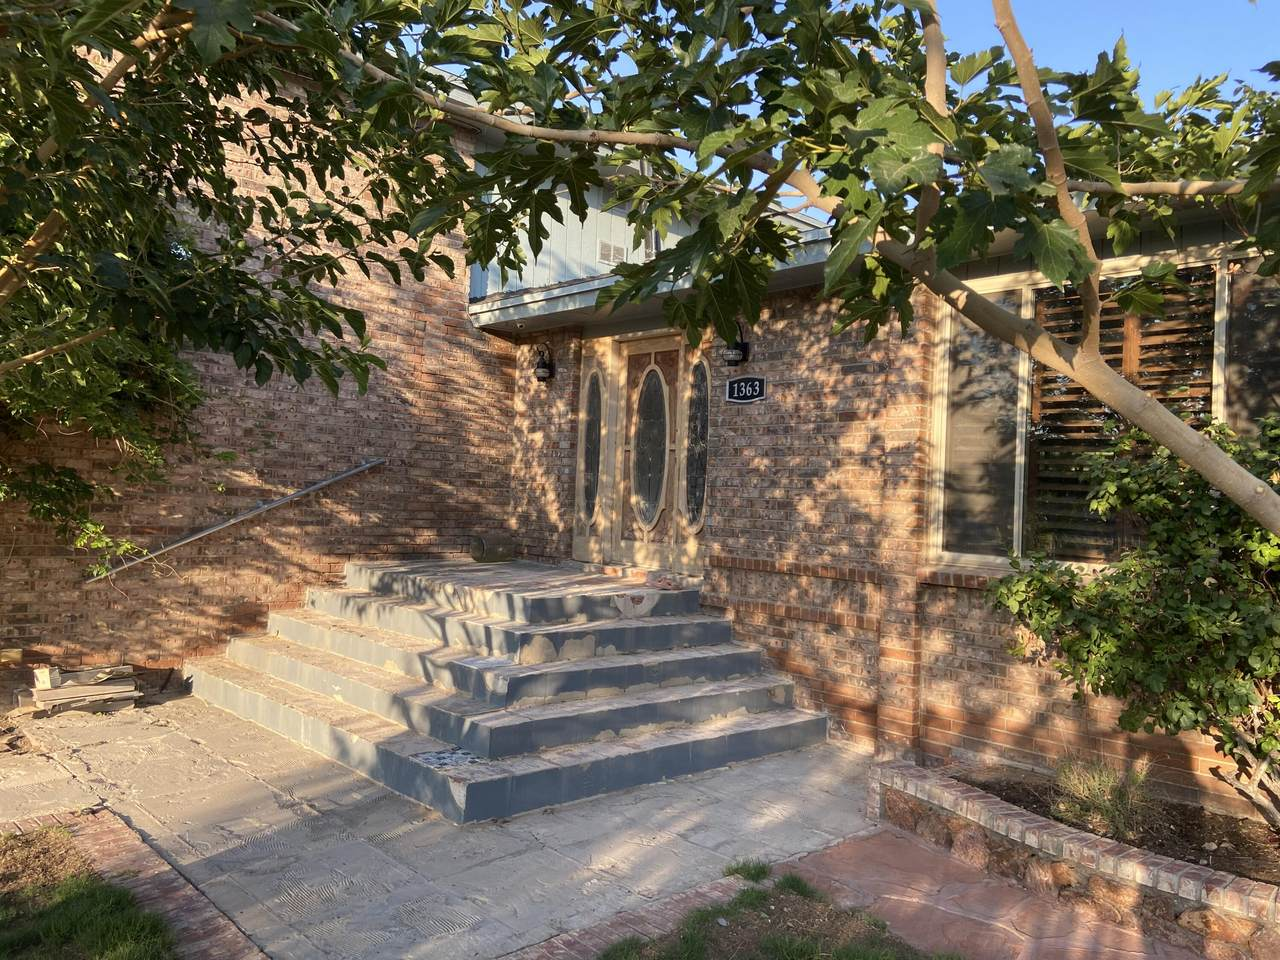 1363 Vista Granada Drive - Photo 1